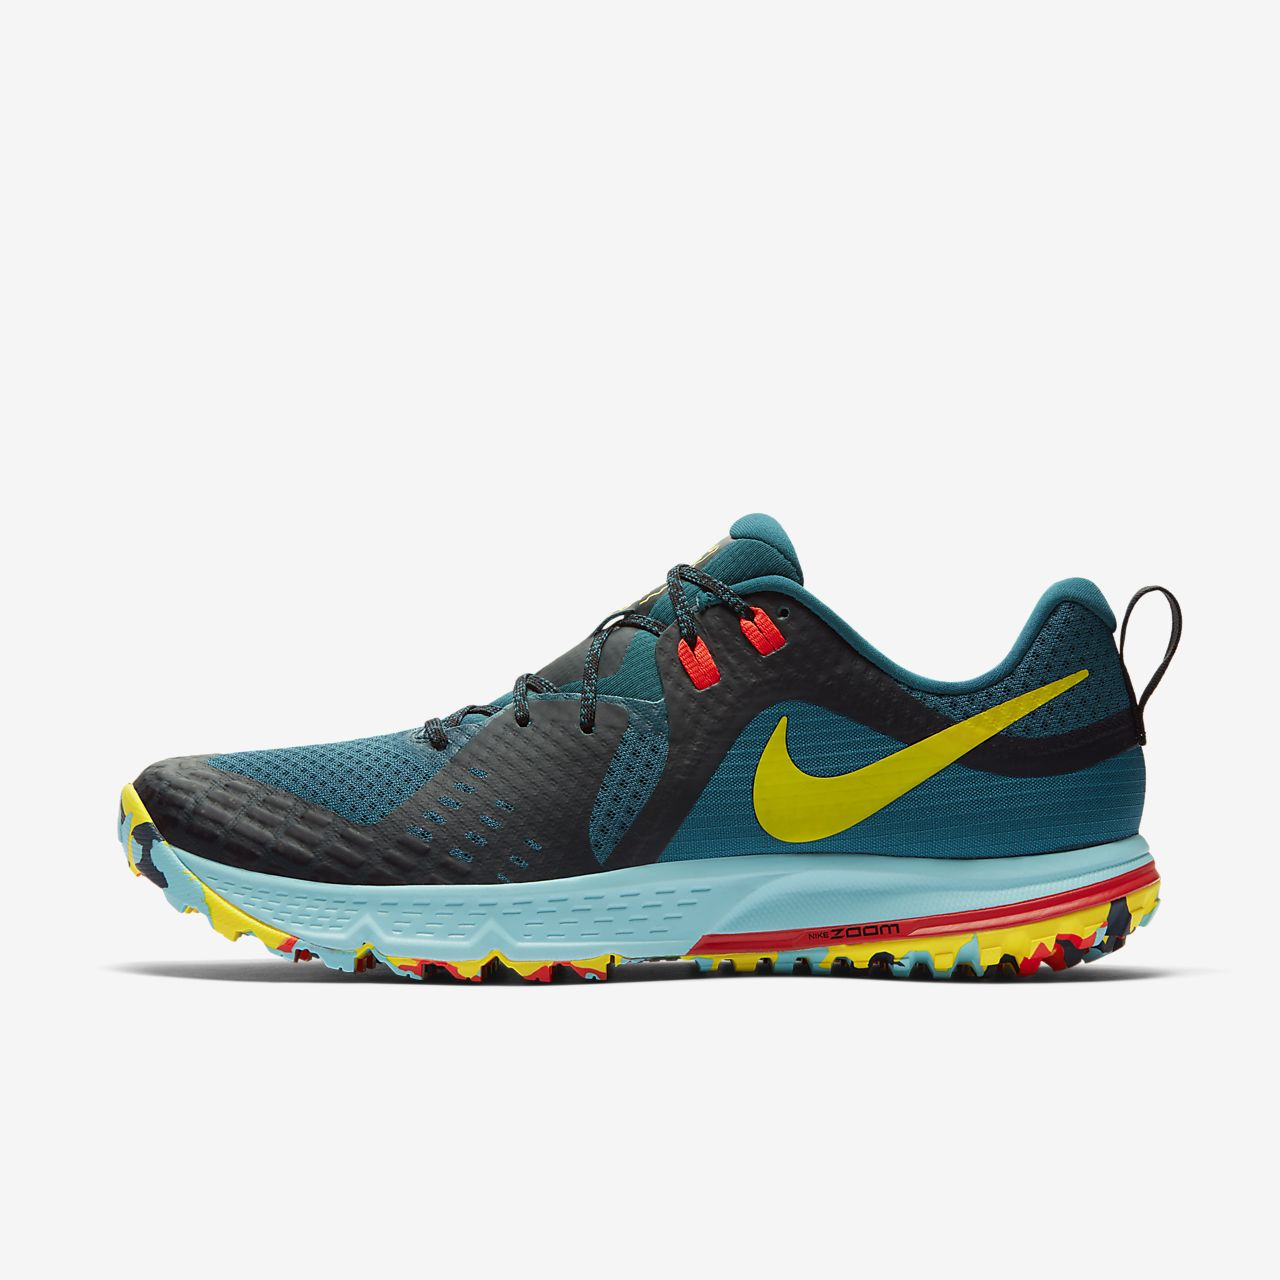 Nike Air Zoom Wildhorse 5 Zapatillas de running - Hombre